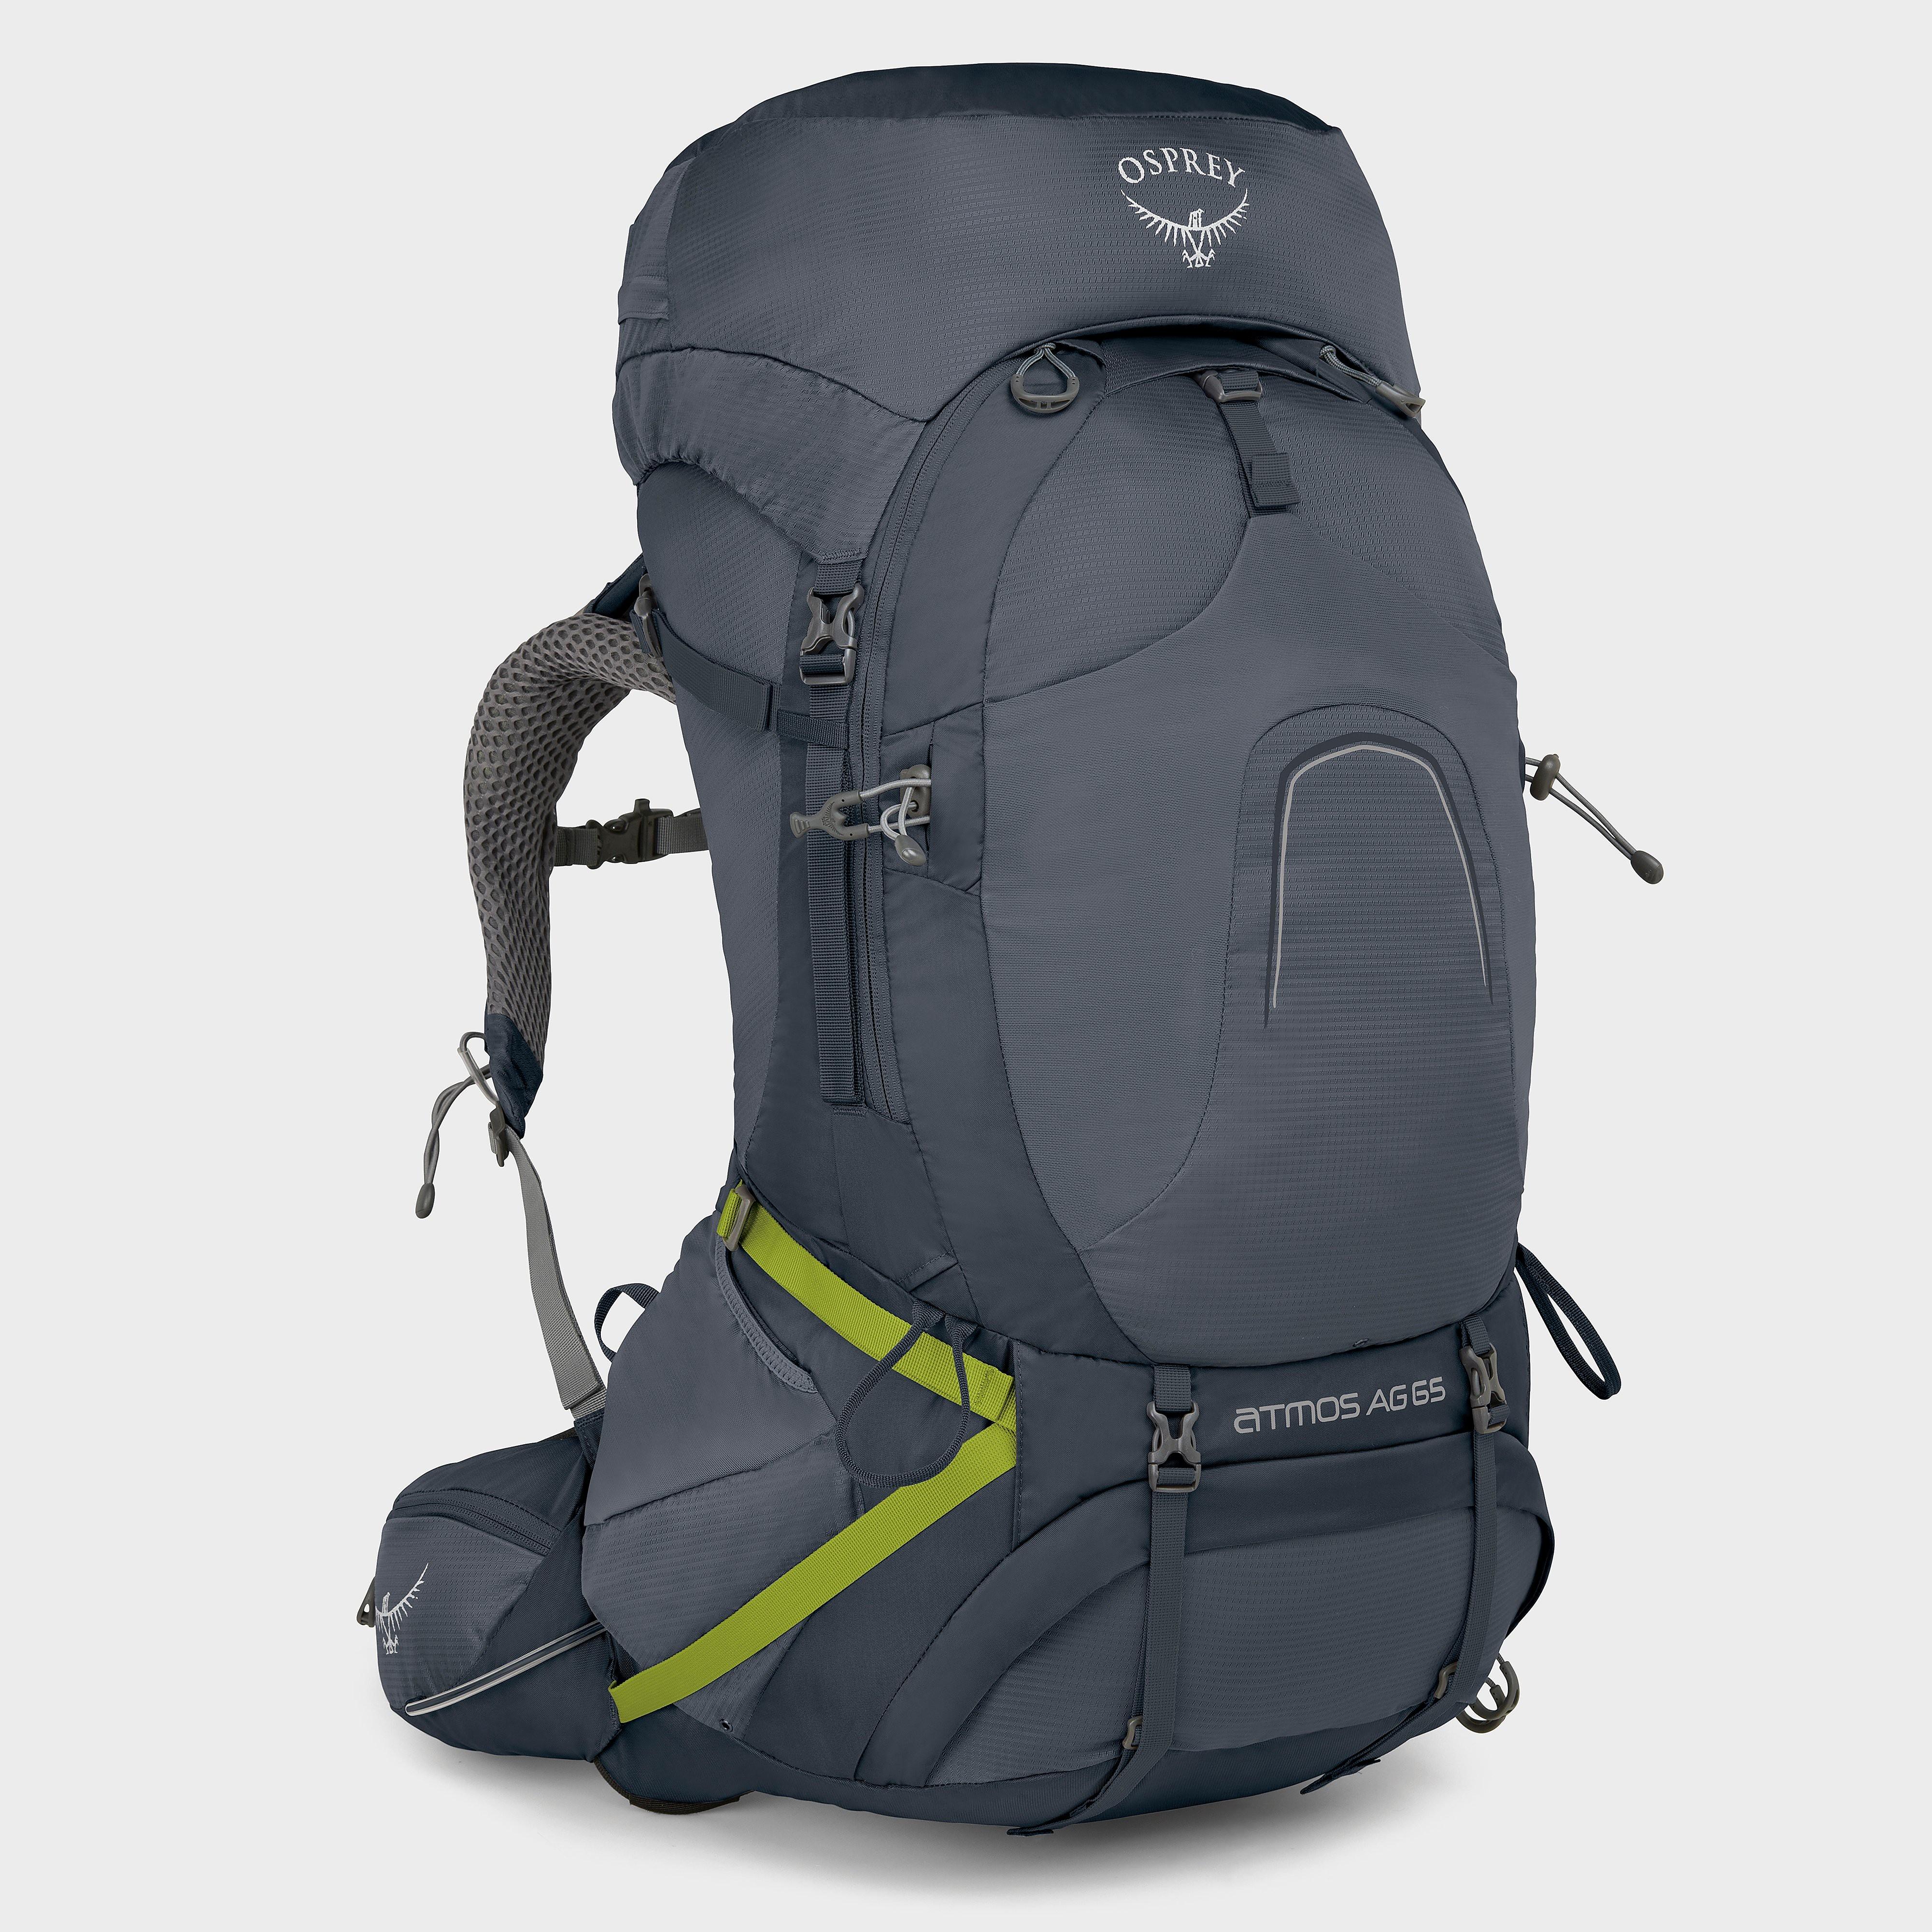 Osprey Atmos AG 65L Backpack (Large)